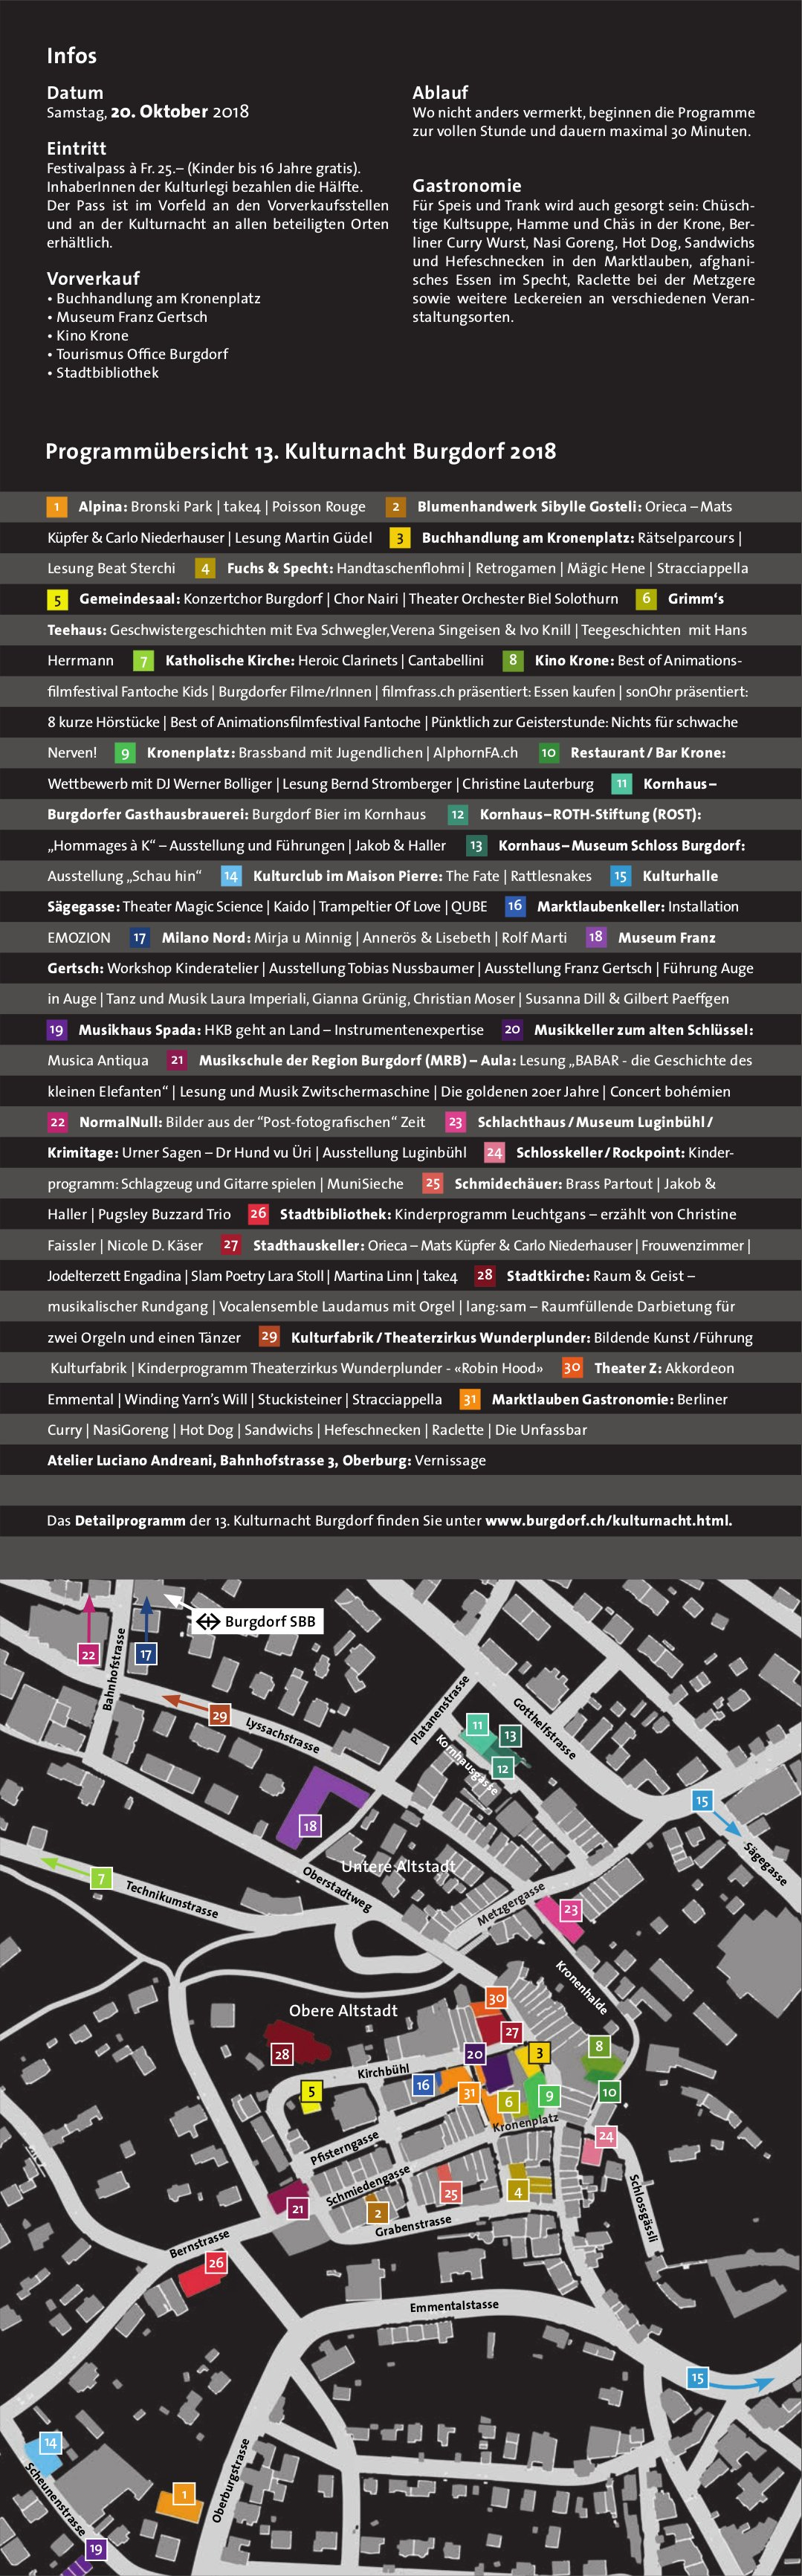 Programmübersicht 13. Kulturnacht Burgdorf 2018